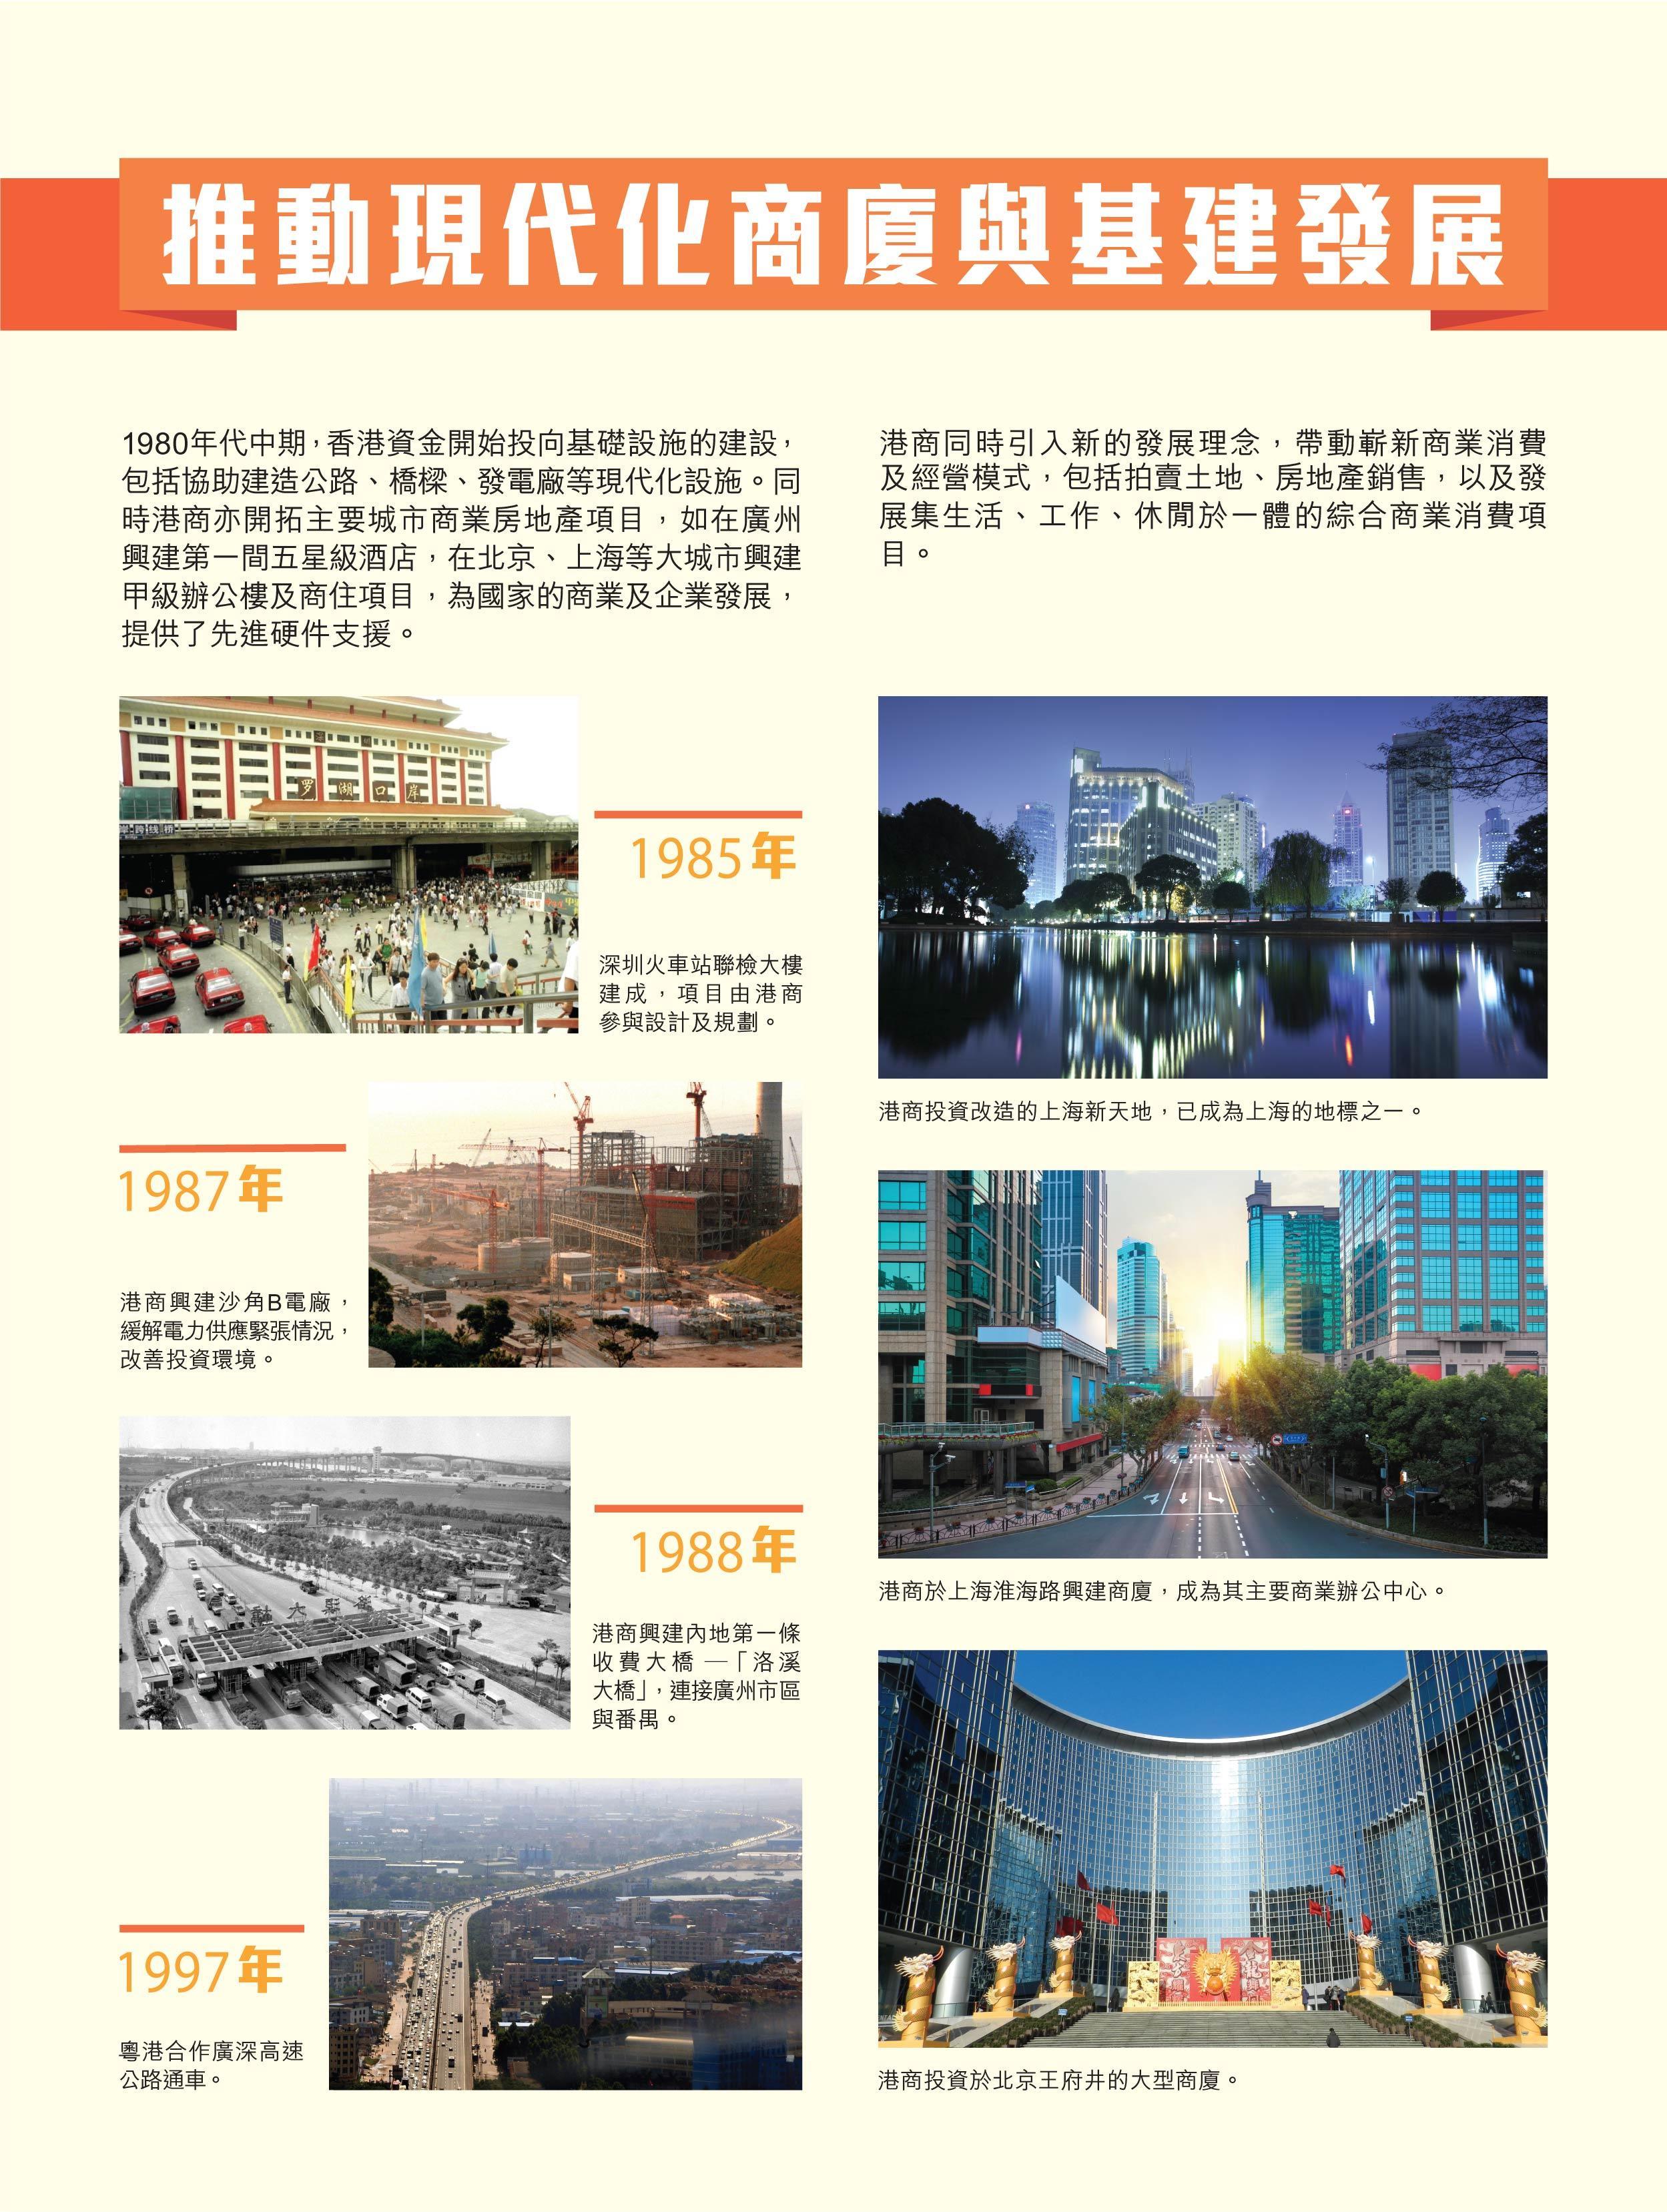 gaige_xiangganggongxian_panel_p5_aw_oct29_websize_tuidongxiandaihua